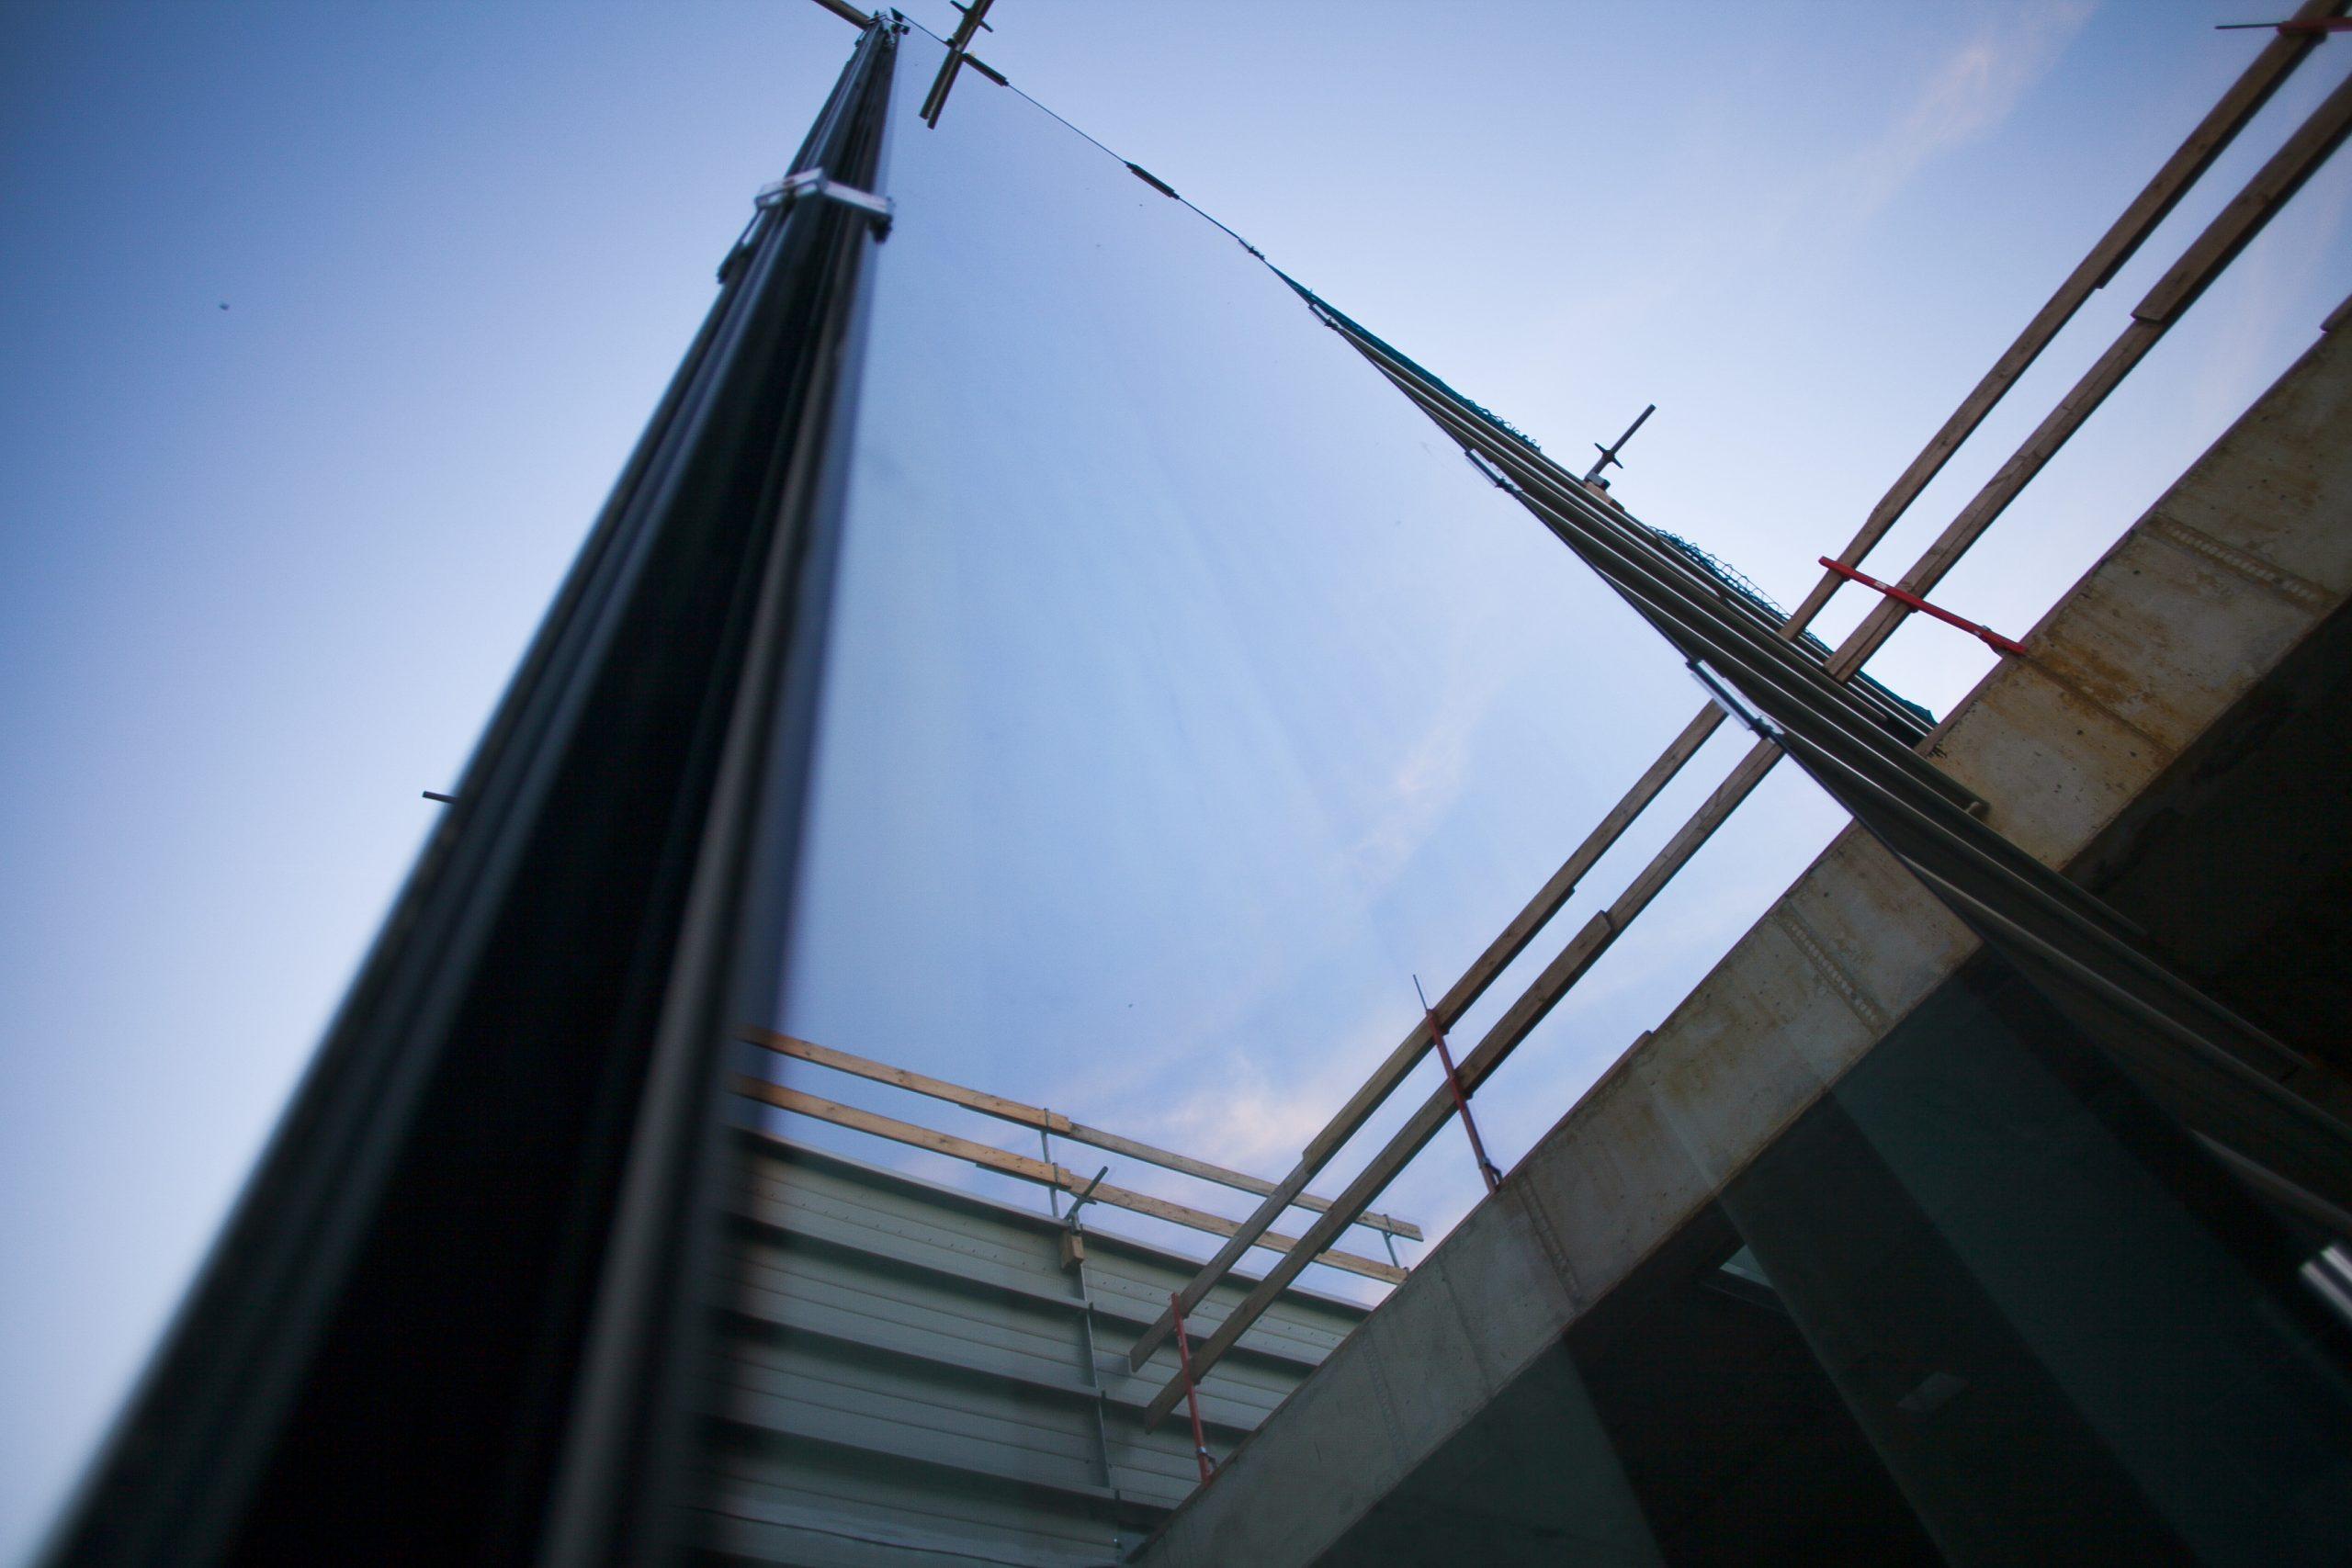 AUTO STAHL Wien 22 | Baustellenimpressionen | Oktober 2020